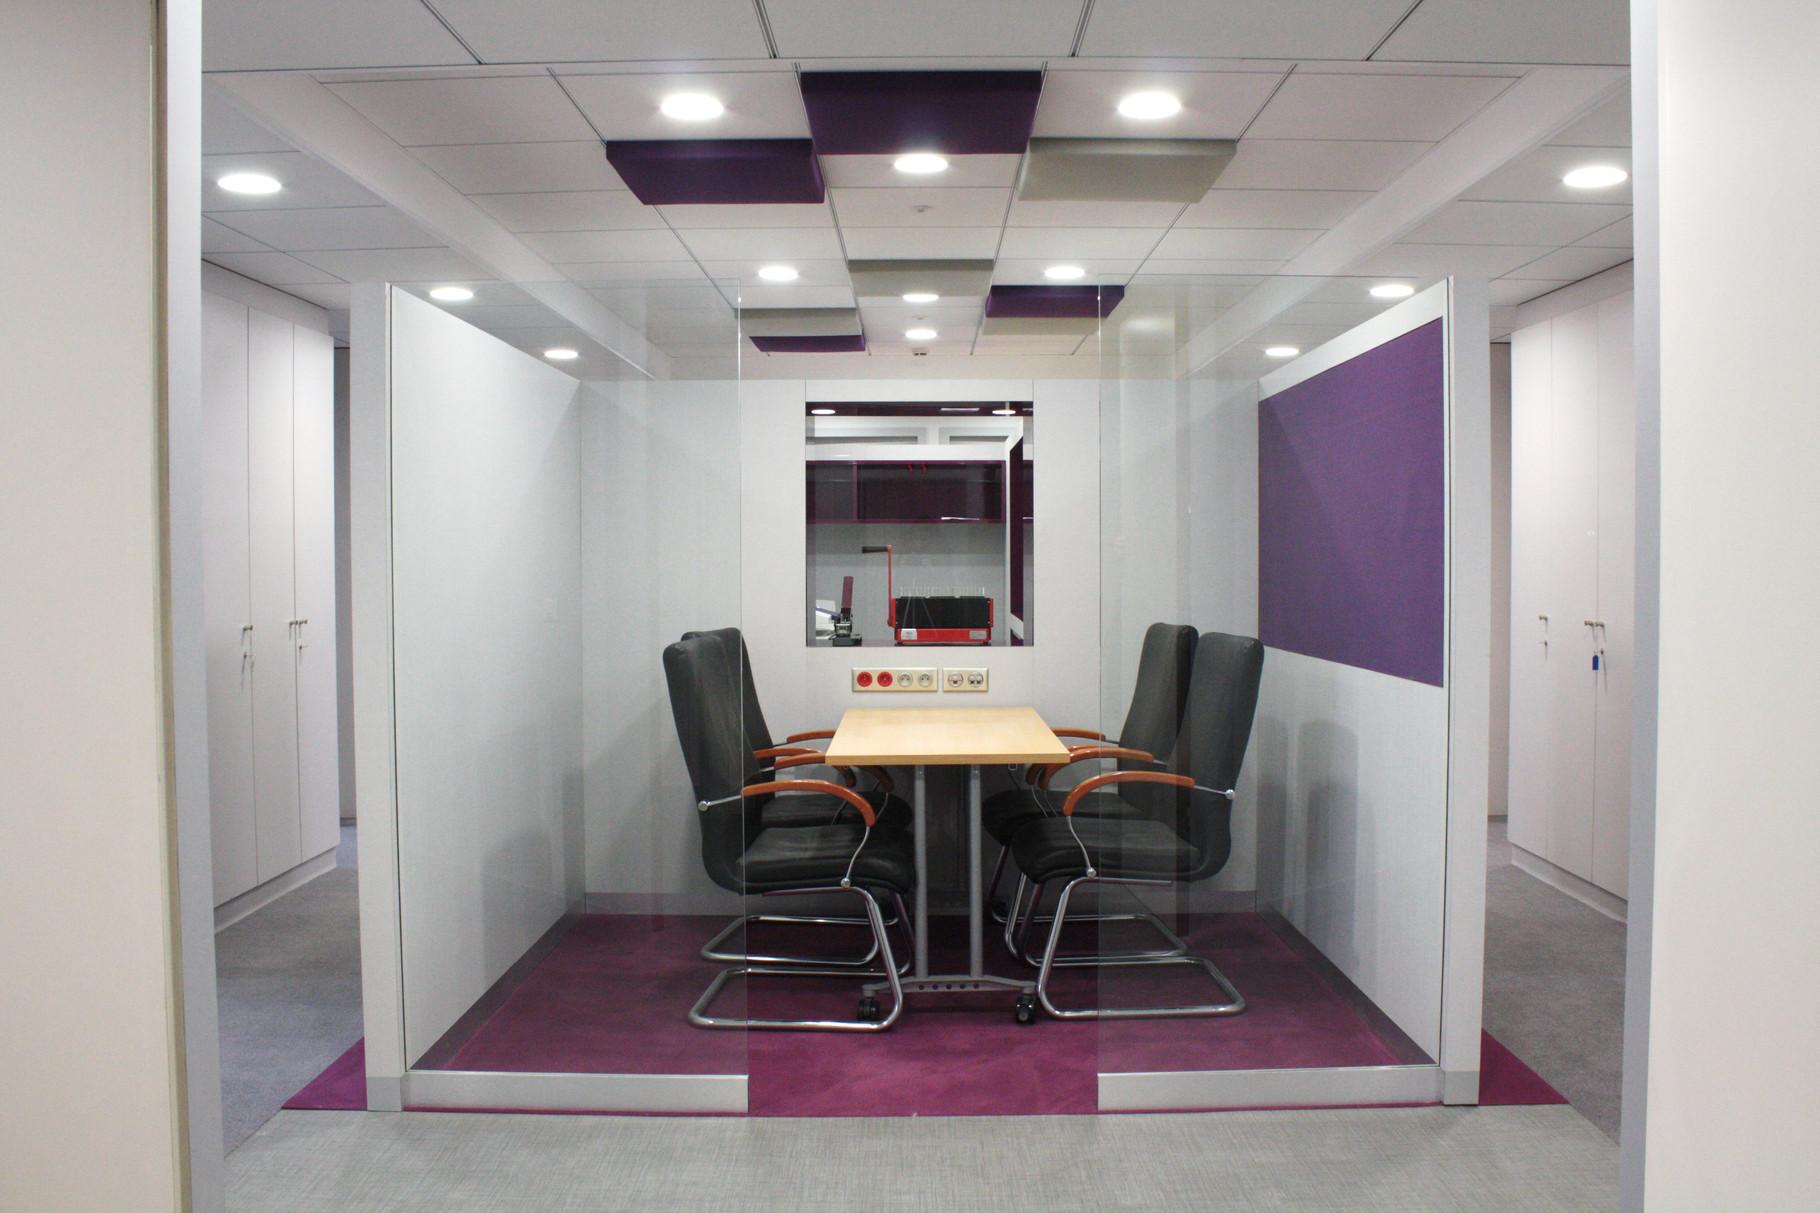 plafond acoustique dans une salle de réunion, un atout de décoration à intégrer